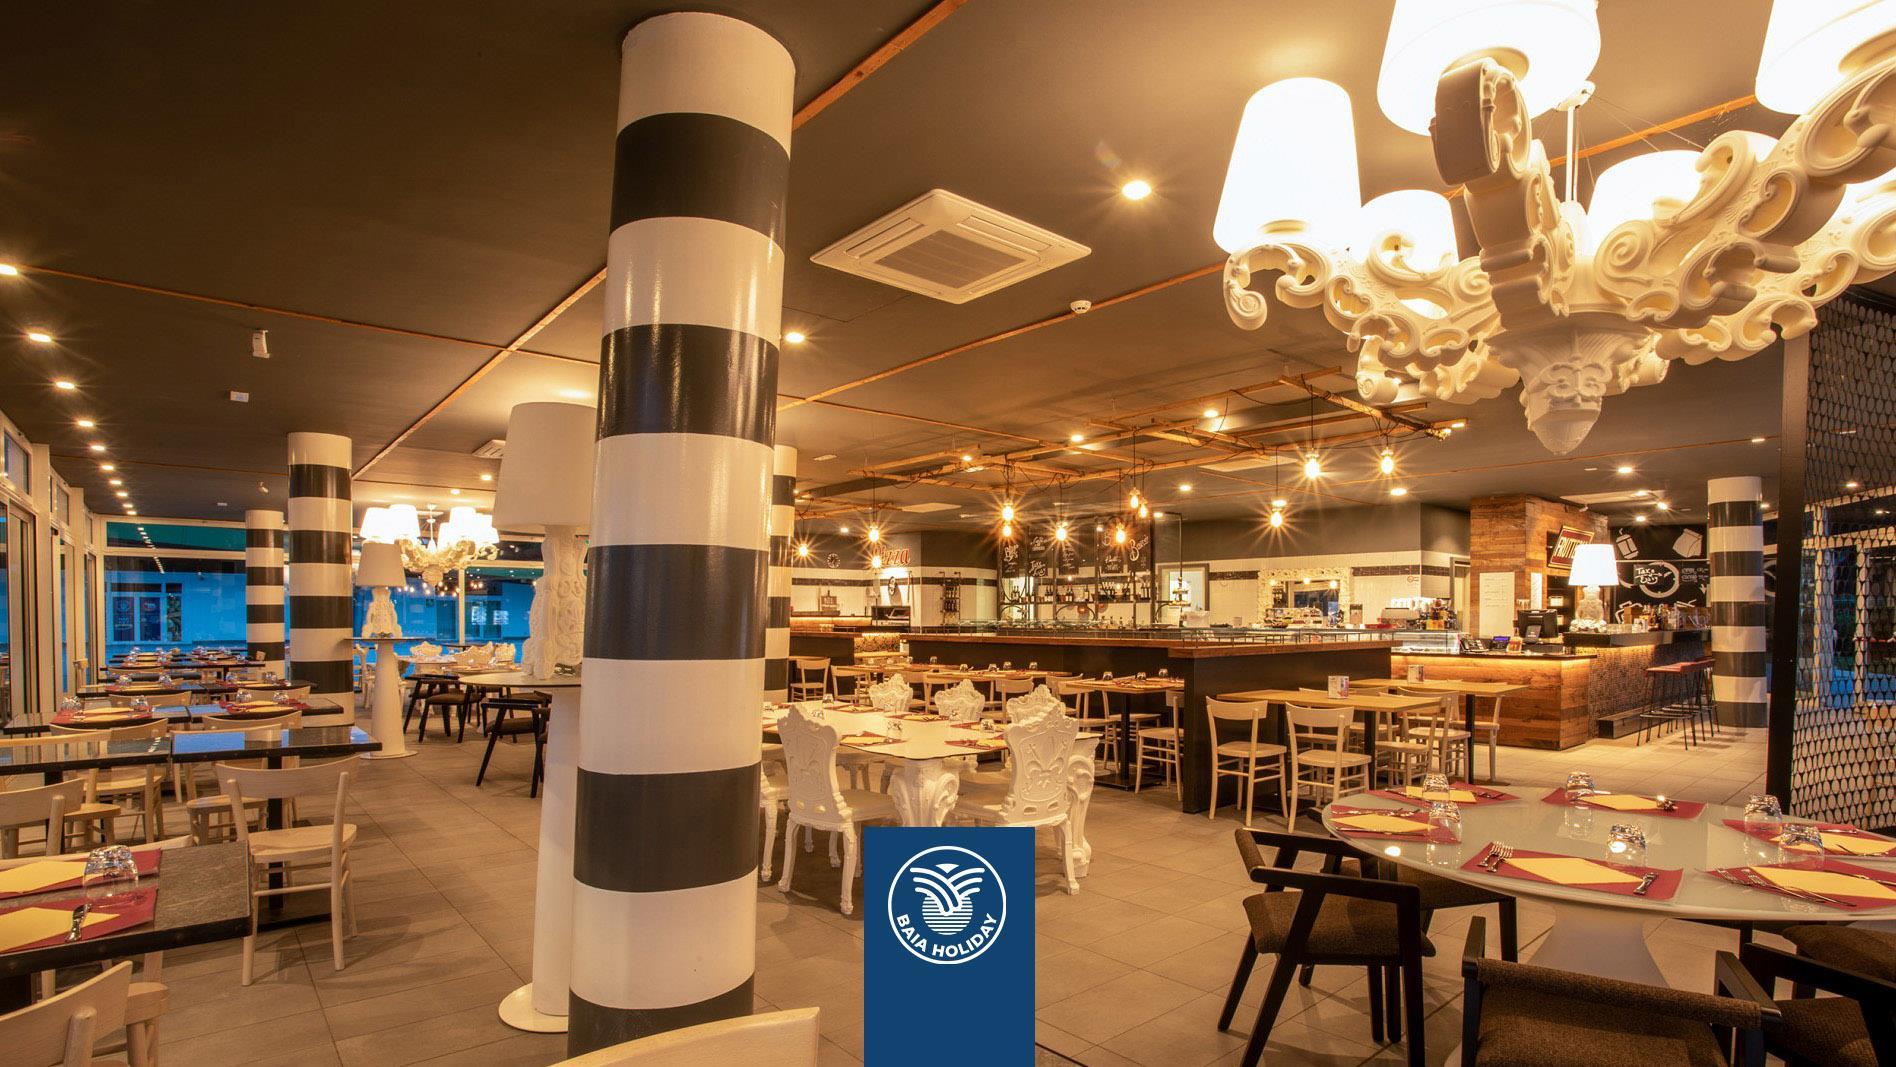 Bar Restaurant Eten Drinken Bier Mousserende Wijn Alcohol